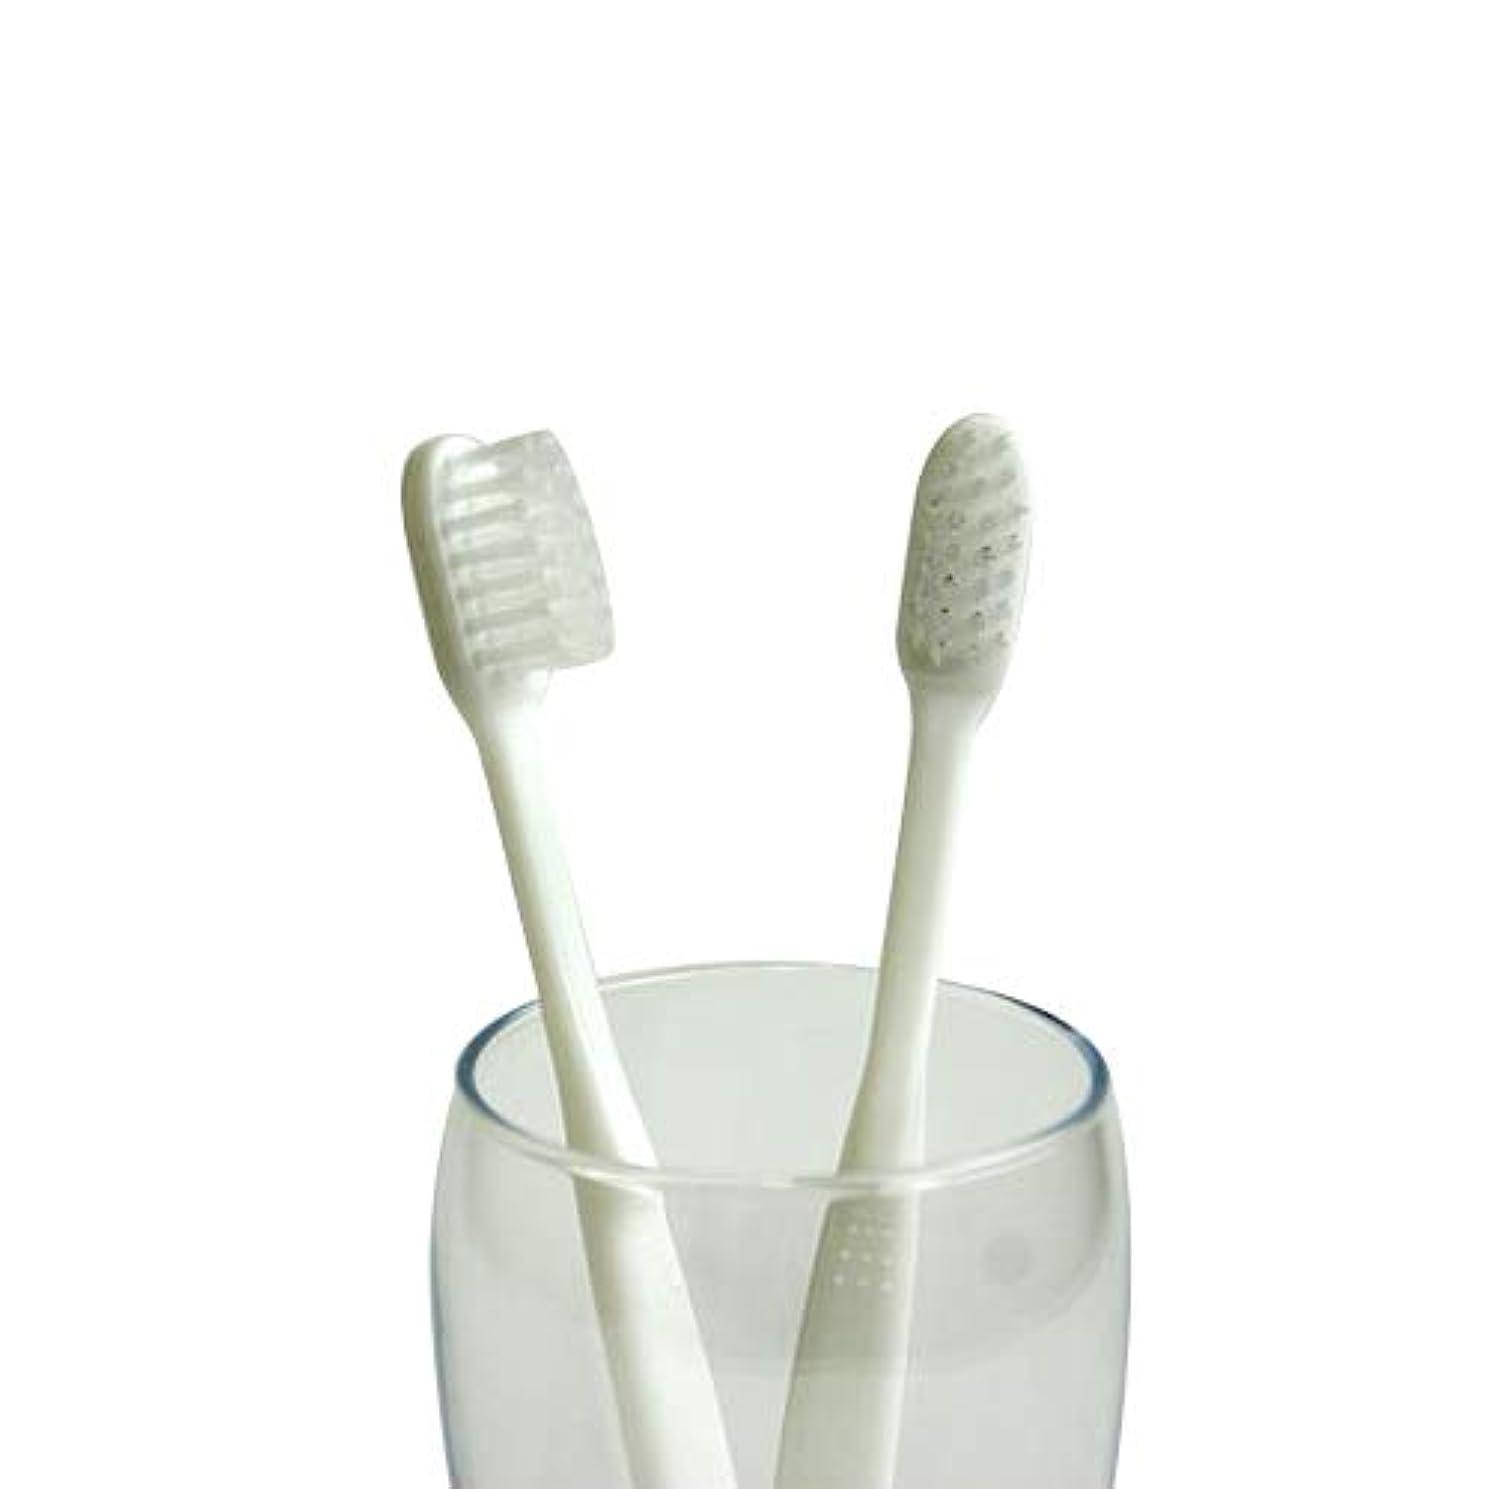 再開ケント彫る業務用使い捨て歯ブラシ(ハミガキ粉無し) 500本入り│口腔衛生用 清掃用 掃除用 工業用 ハブラシ はぶらし